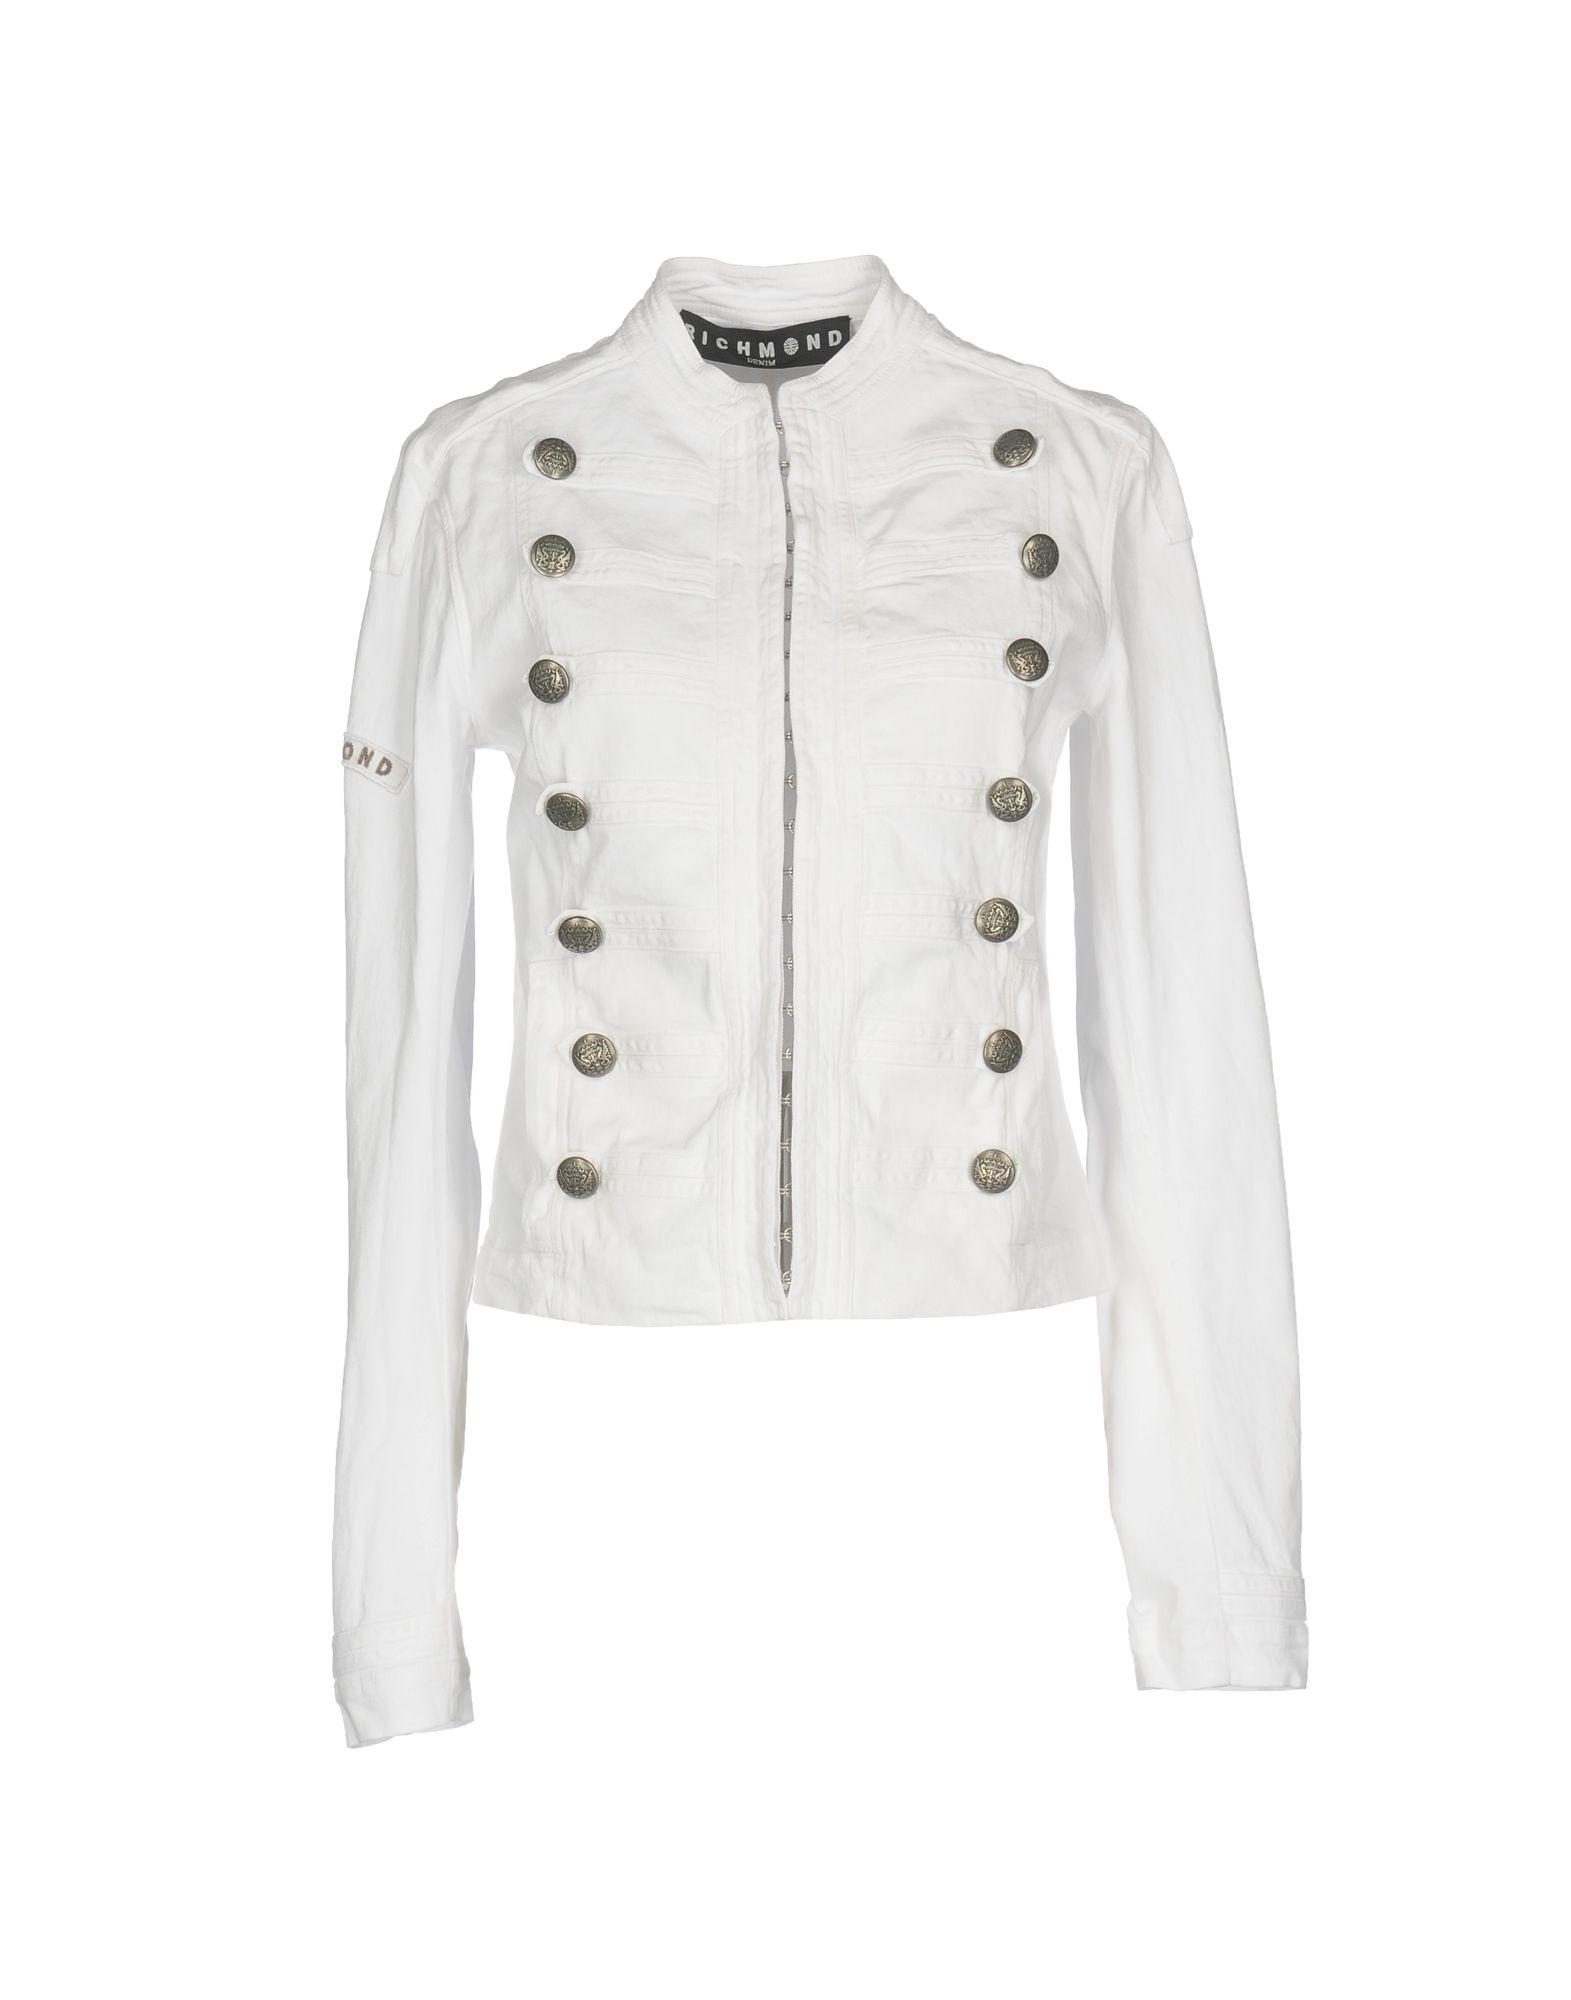 цены на RICHMOND DENIM Джинсовая верхняя одежда в интернет-магазинах